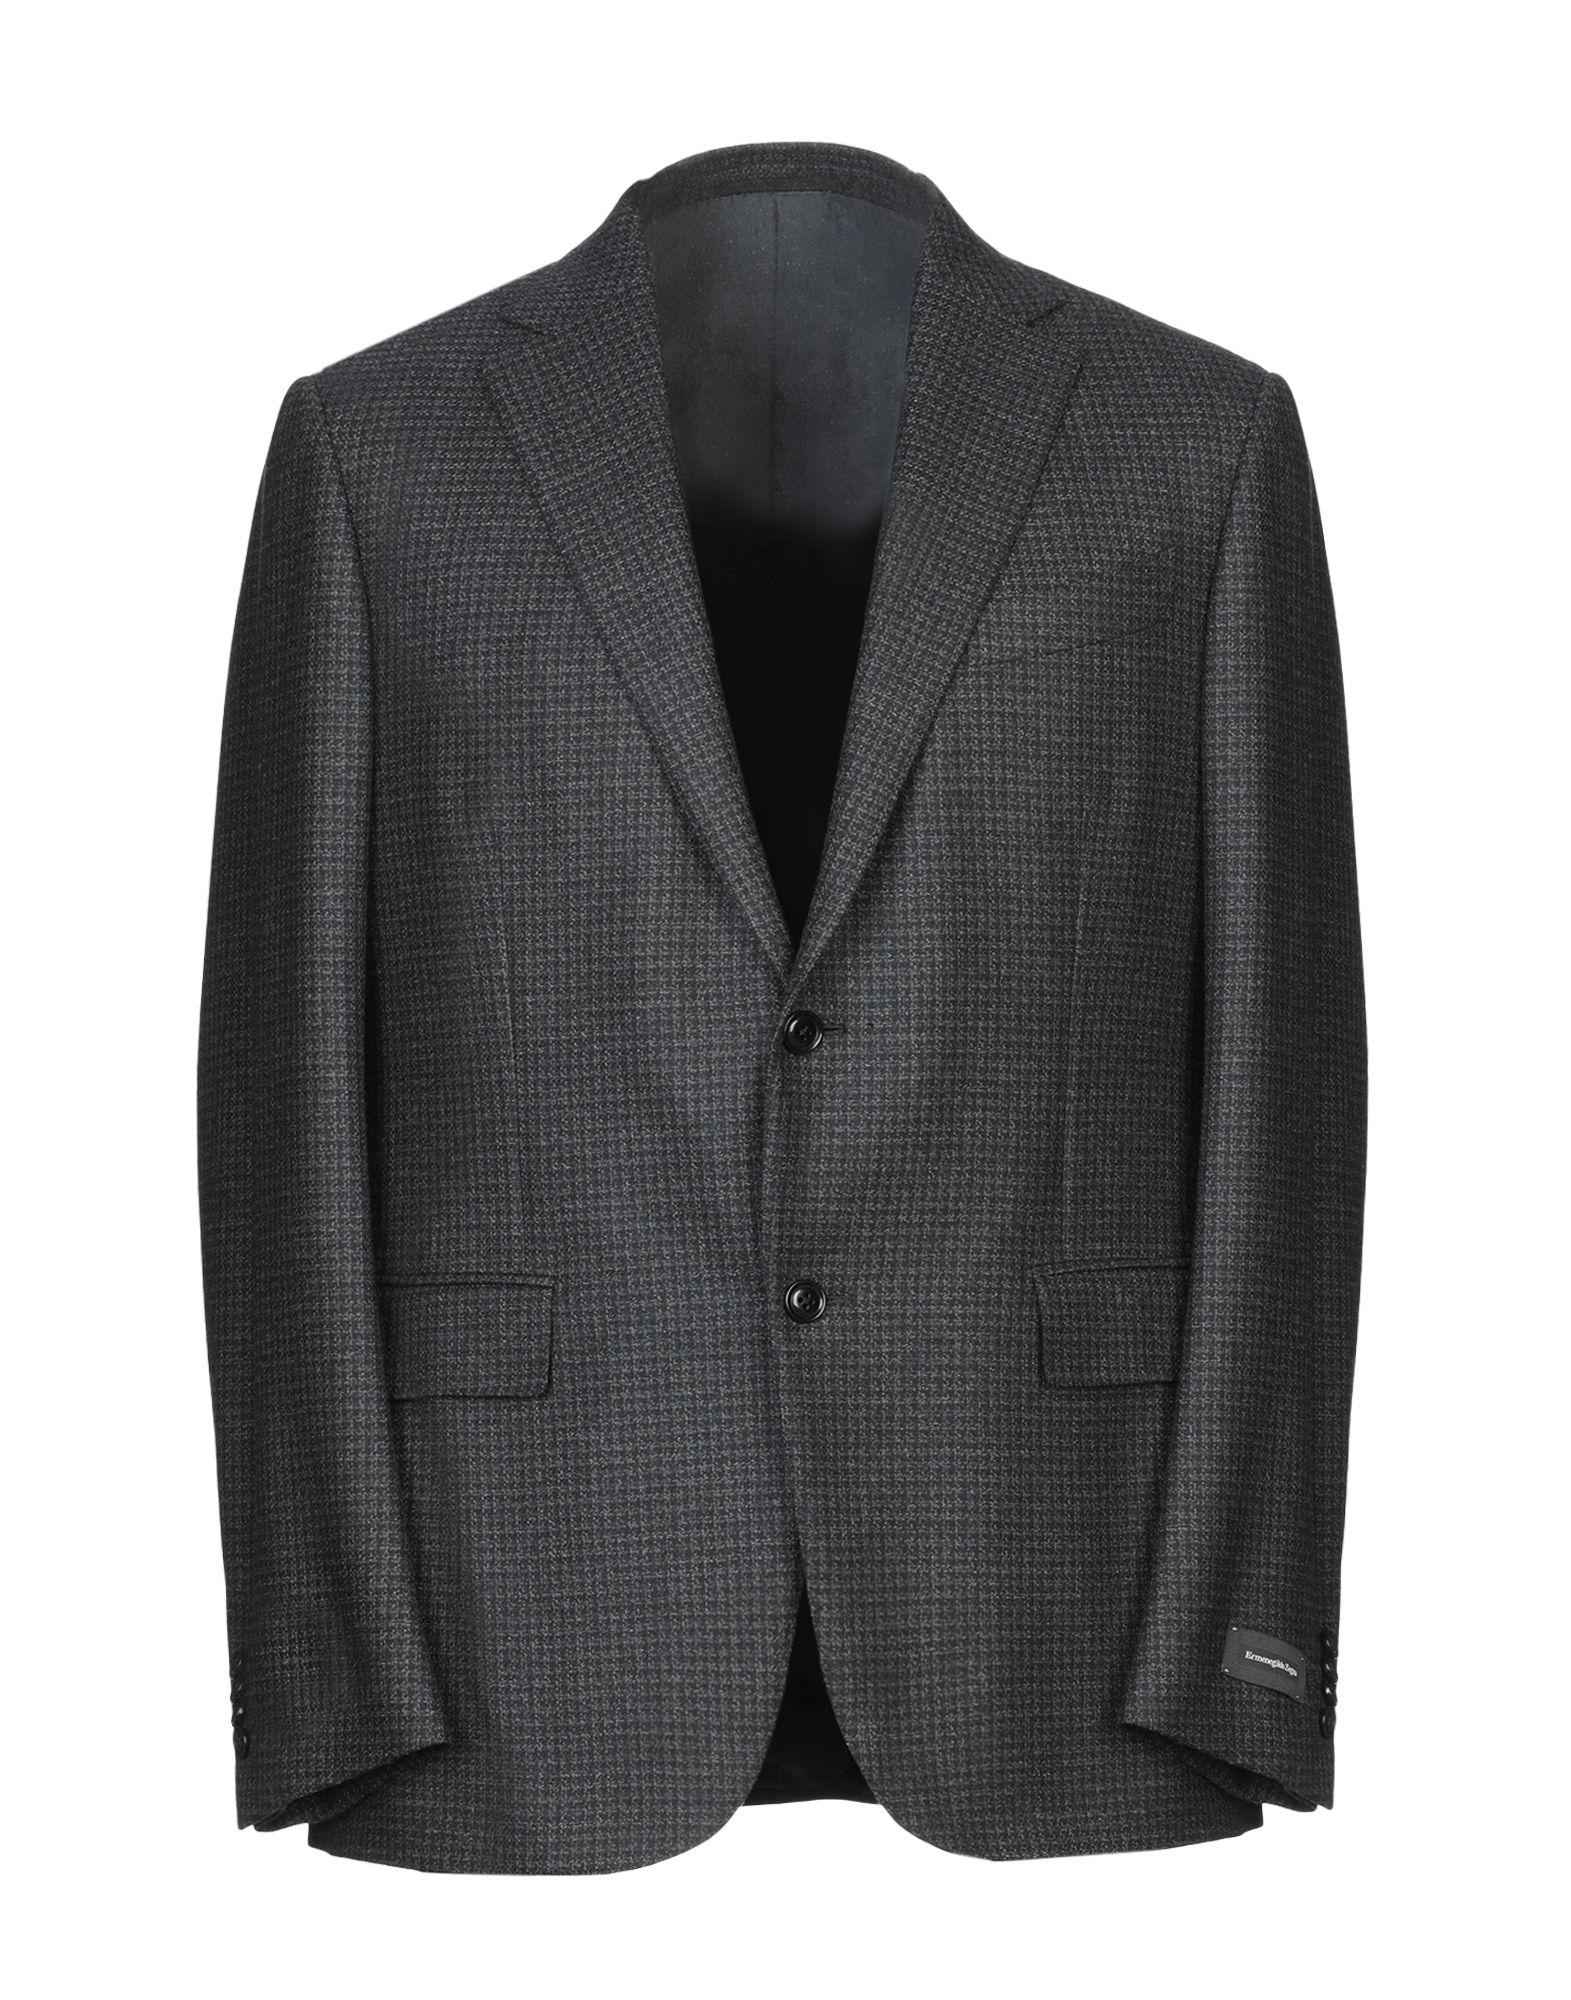 9ff99cad Buy ermenegildo zegna coats & jackets for men - Best men's ...